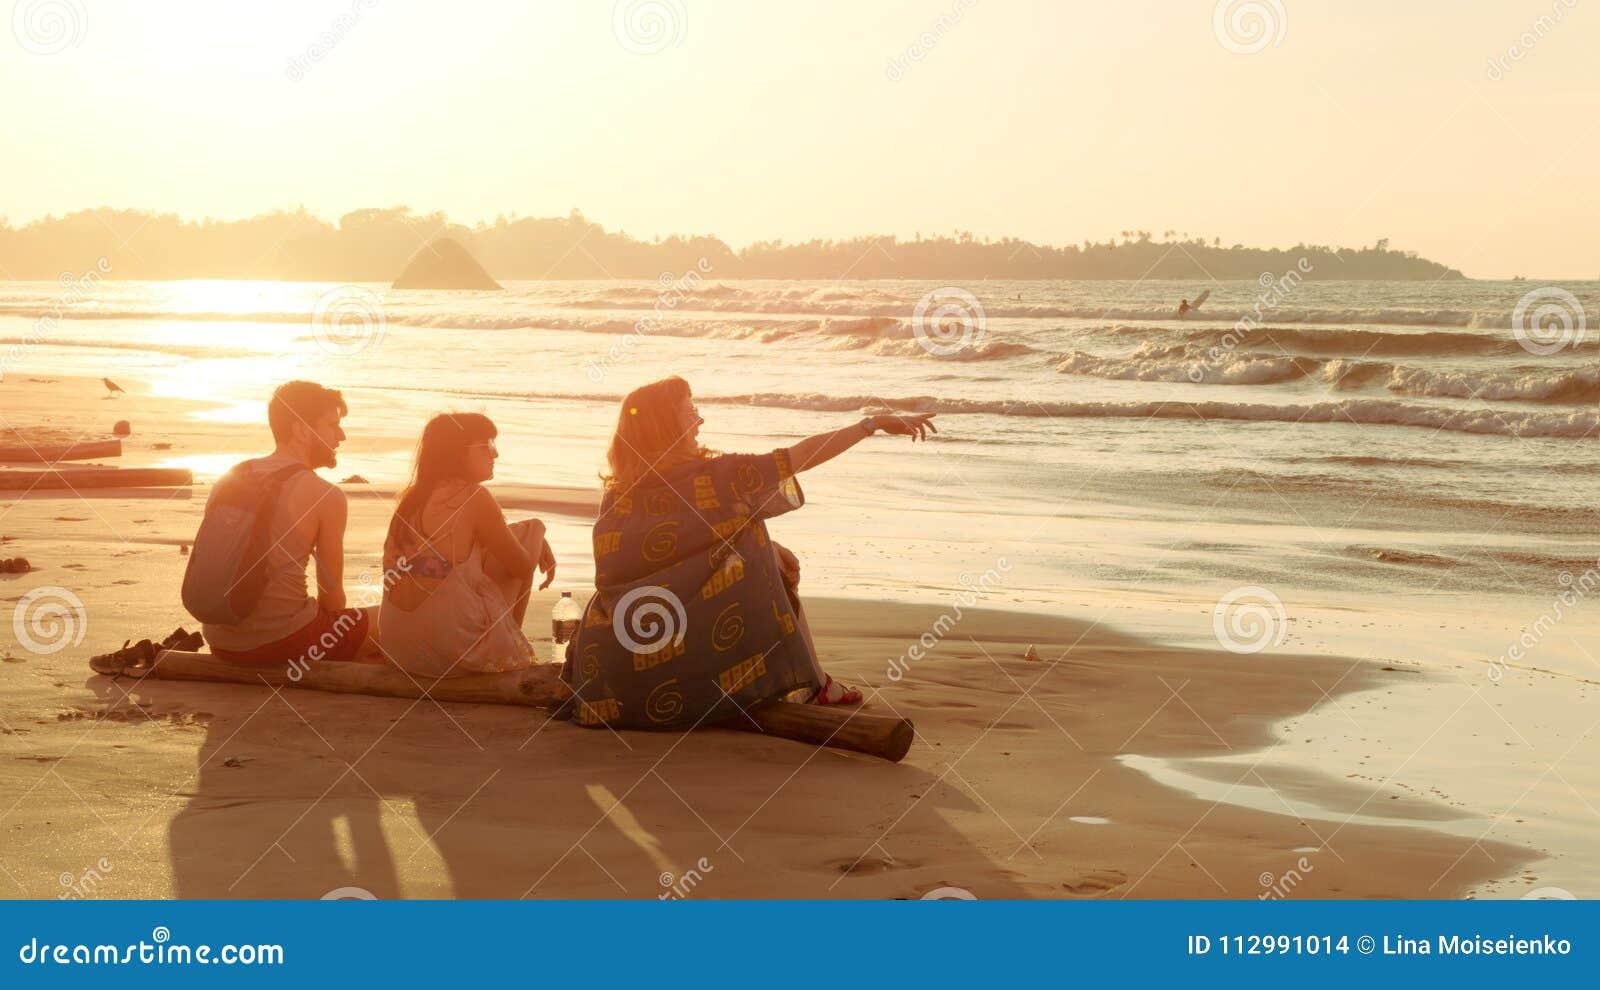 Vänner två unga kvinnor och mannen sitter på den tropiska sjösidastranden på solnedgången och ser vatten Sommartur, semester